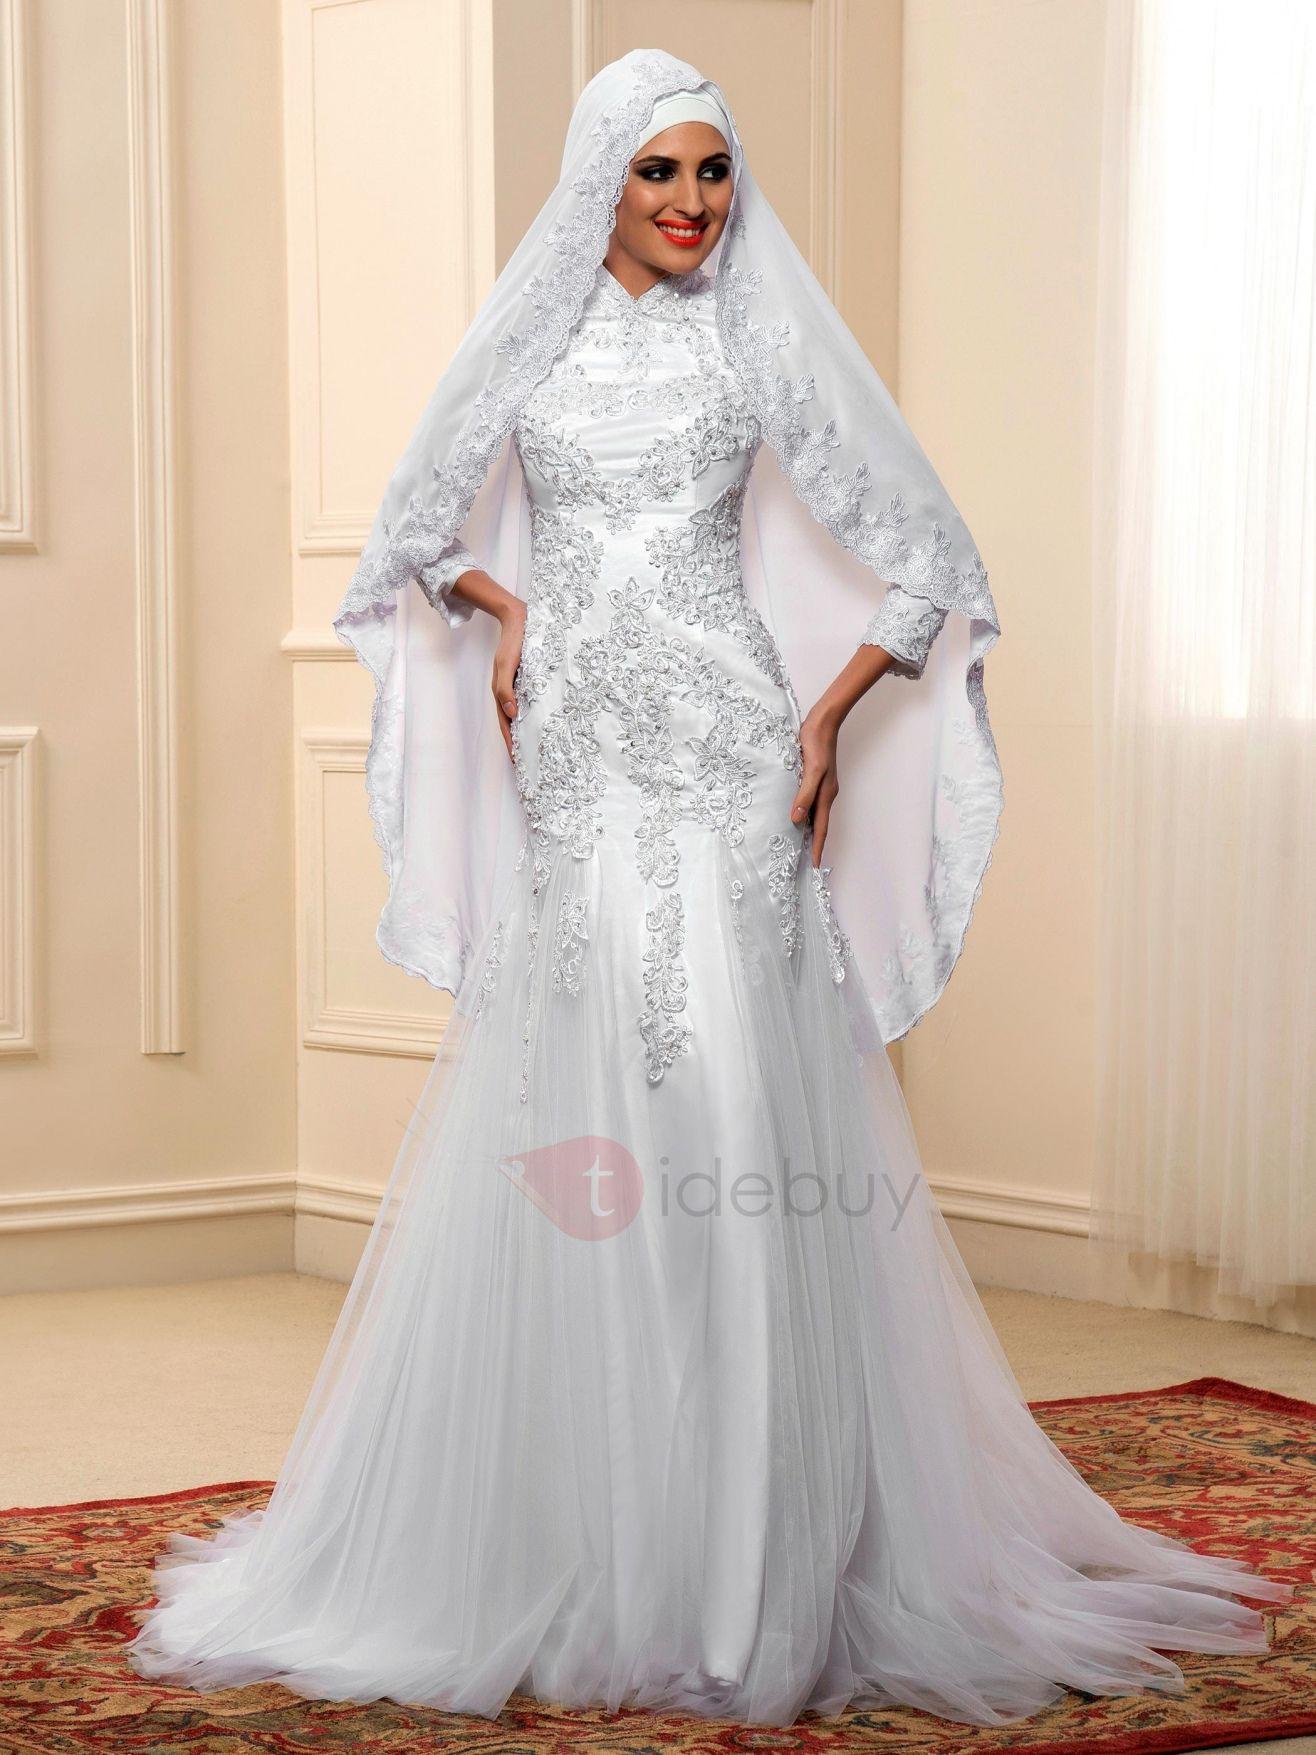 77 Pics Of Muslim Wedding Dresses Best Dresses For Wedding Check More At Http Svesty Com Pics Vestido De Novia Musulman Vestidos De Novia Novia Musulmana